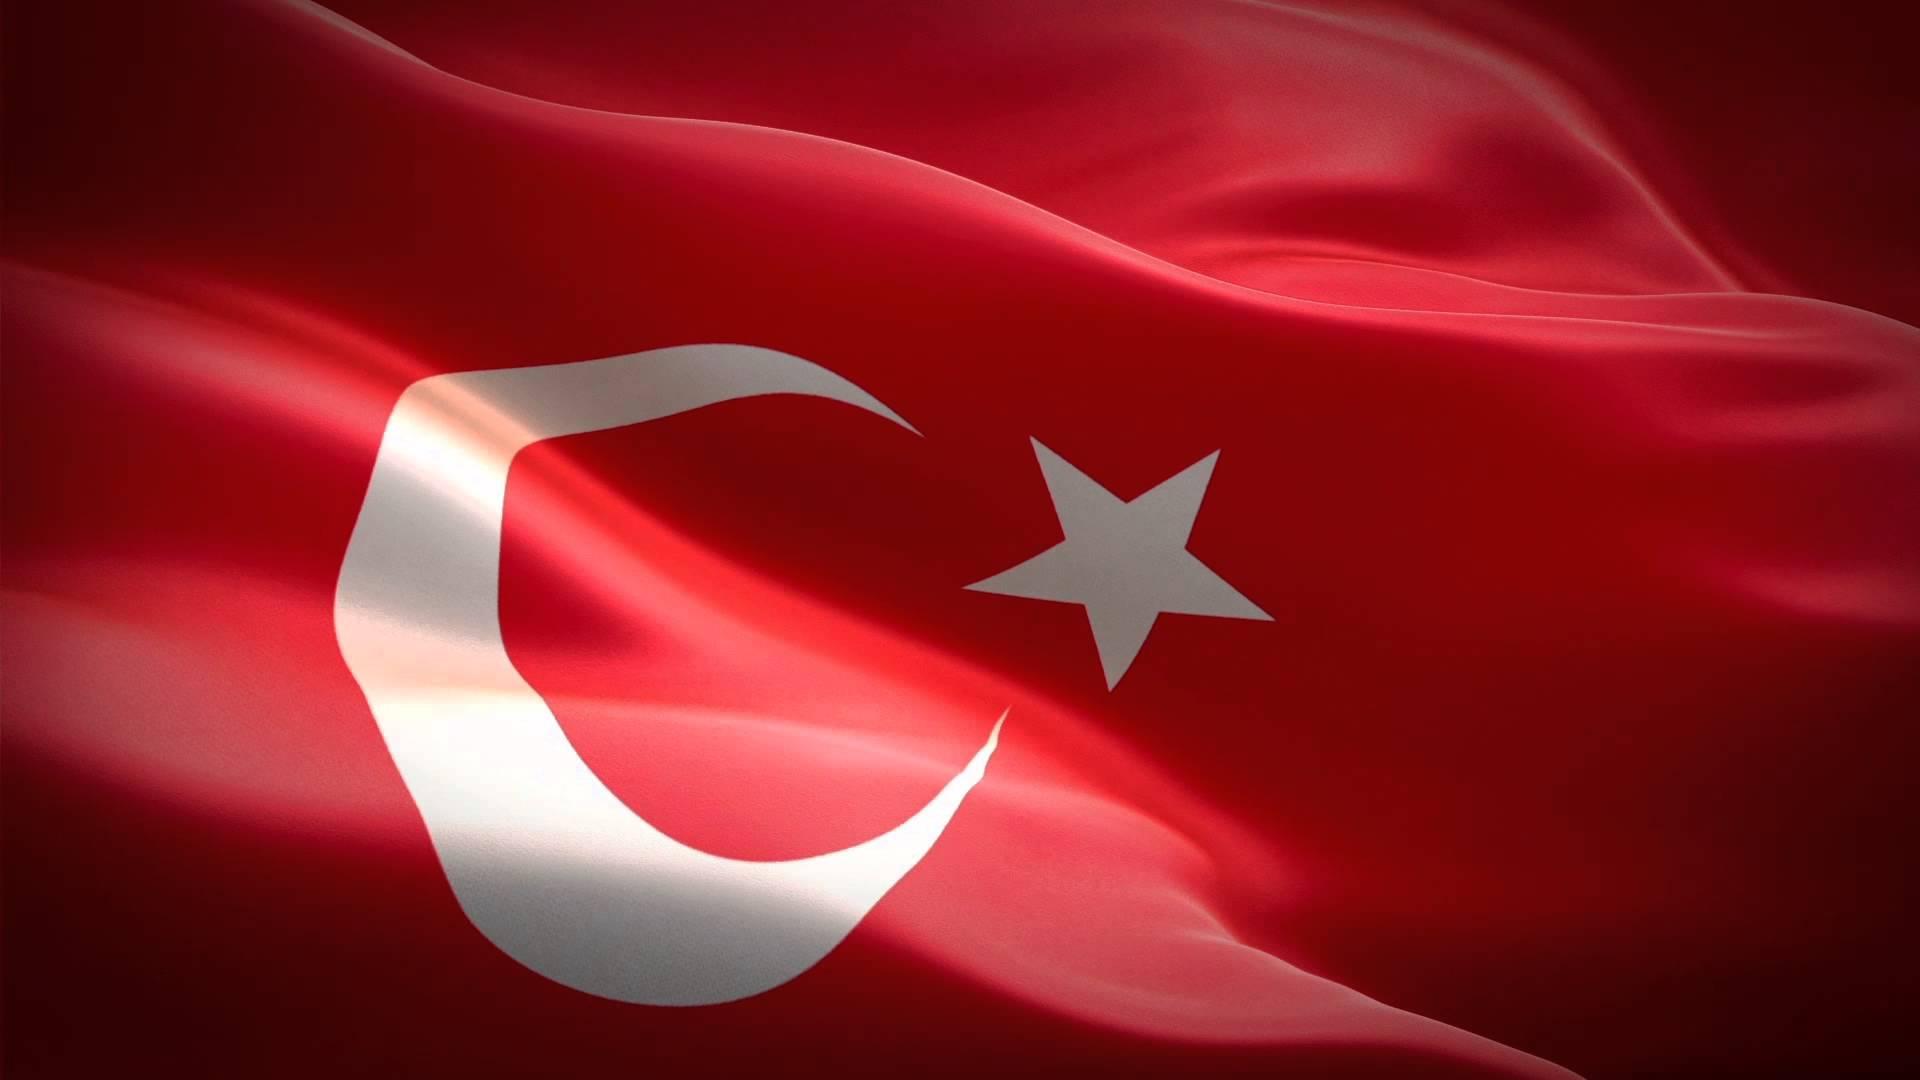 turk-bayraklari-resmi-foto-bayrakci (5)